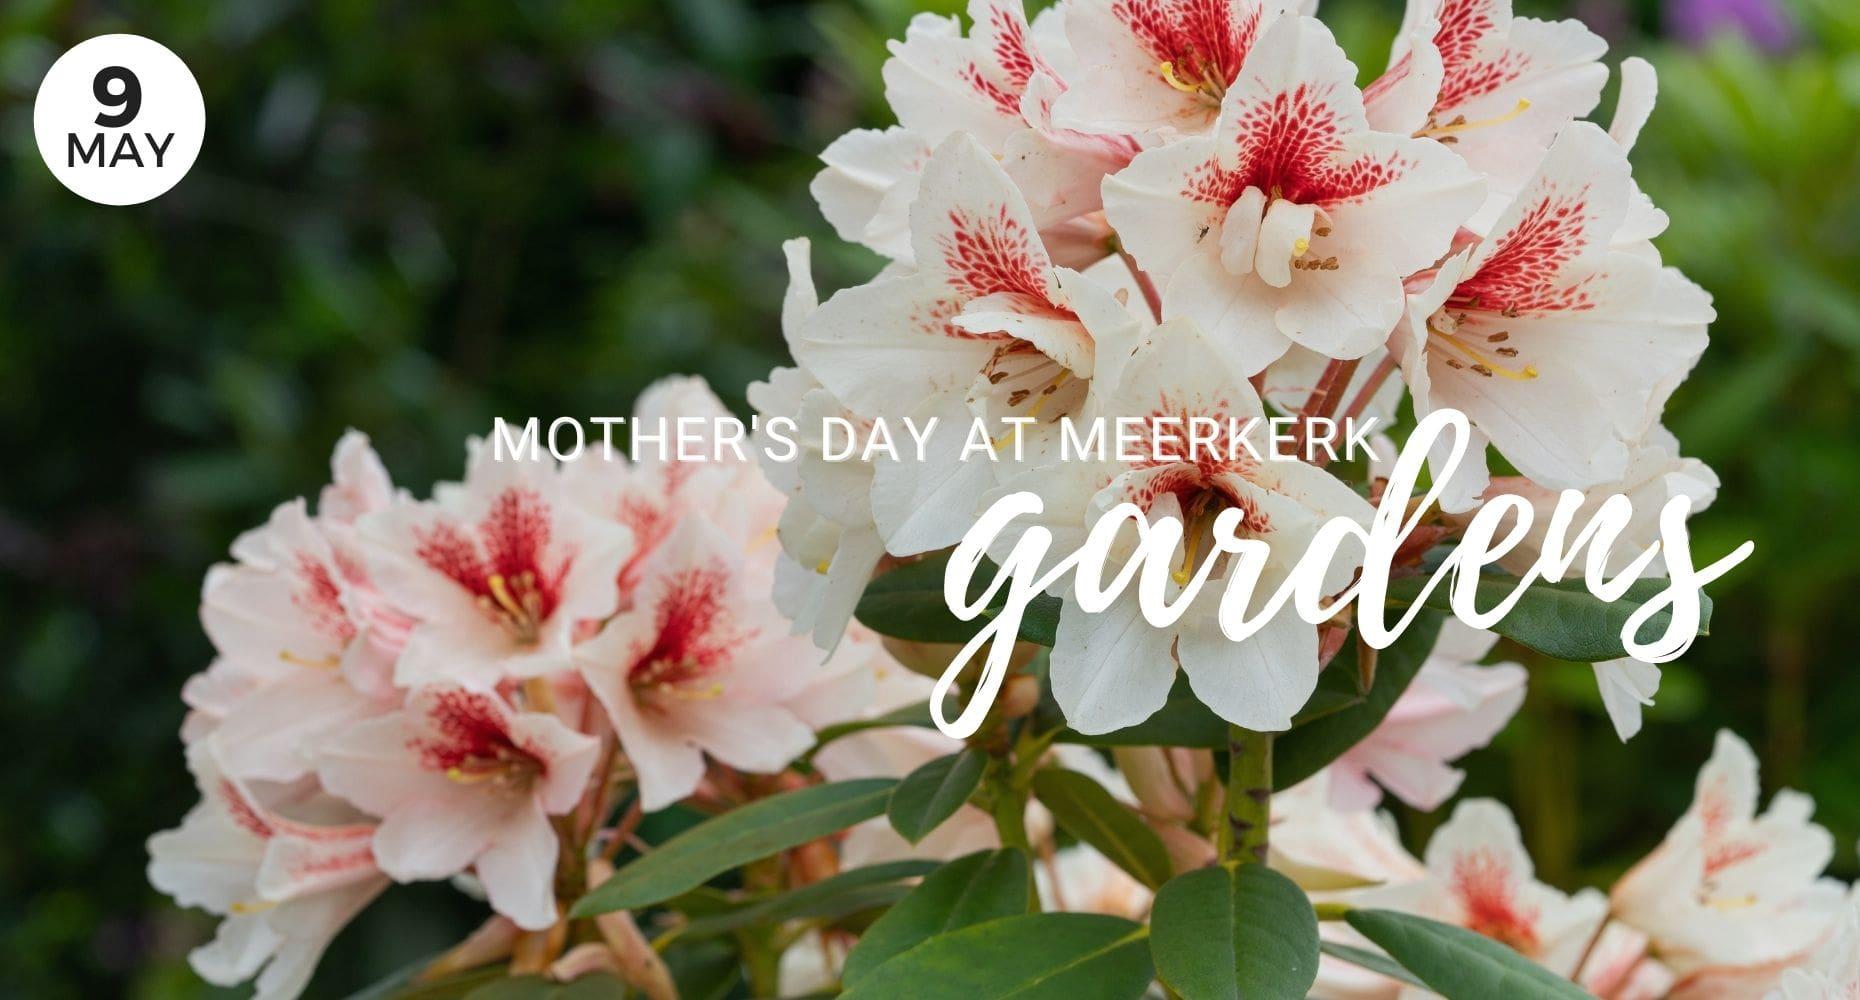 Mother's Day at Meerkerk Gardens